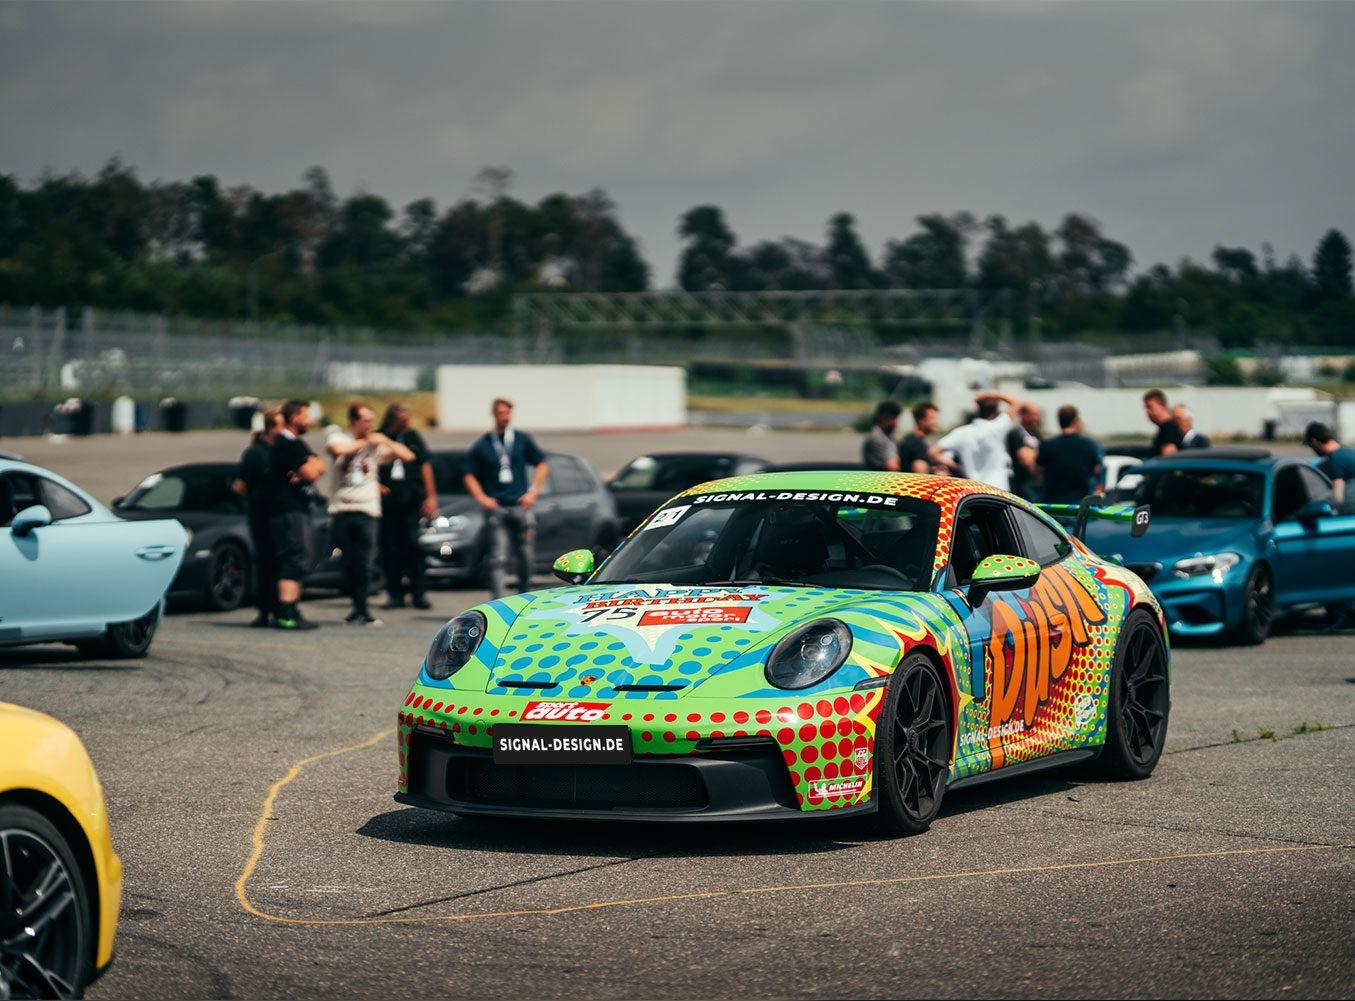 Porsche 992 GT3 Design auf der Rennstrecke